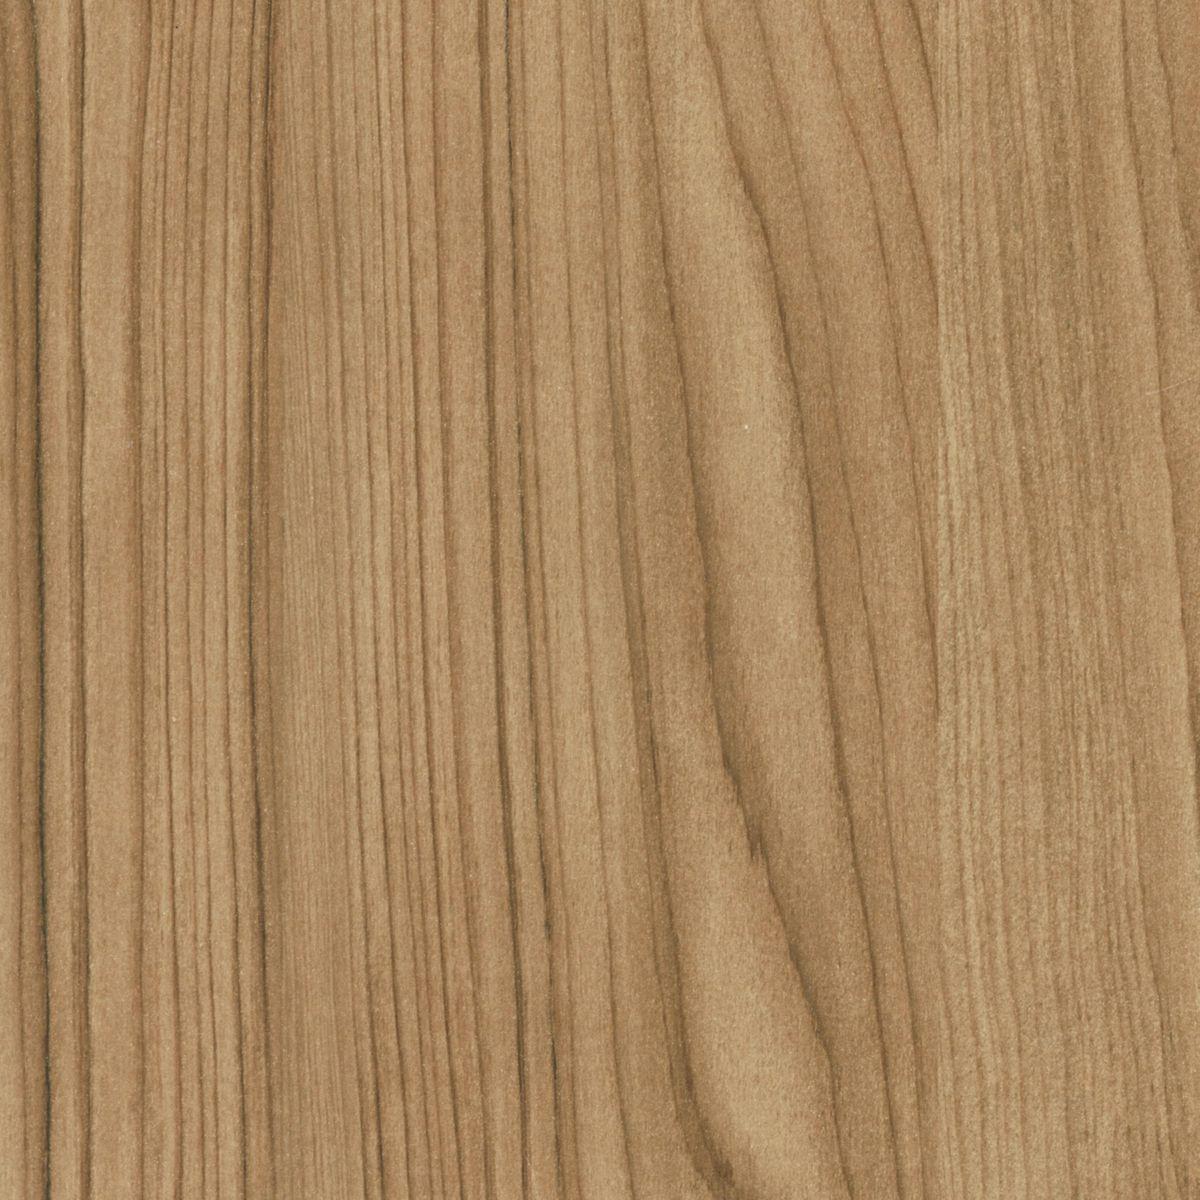 Prix Feuille Stratifié Formica stratifié hpl woods hgp vintage wood f5372 mat 305x130cm 0,7mm